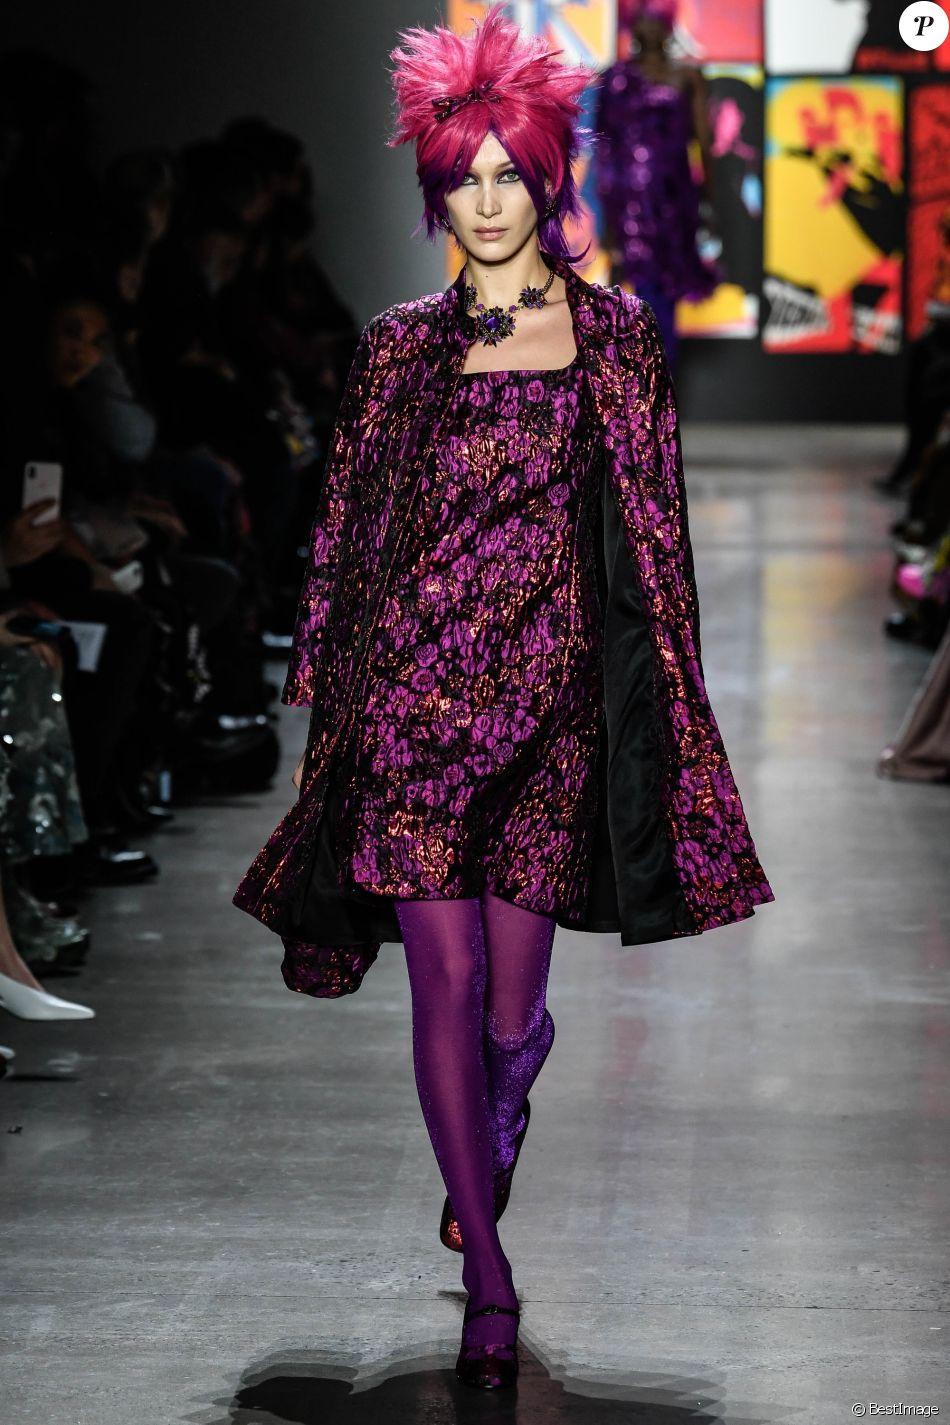 Bella Hadid au défilé Anna Sui lors de la Fashion Week automne-hiver 2019/2020 à New York, le 11 février 2019.